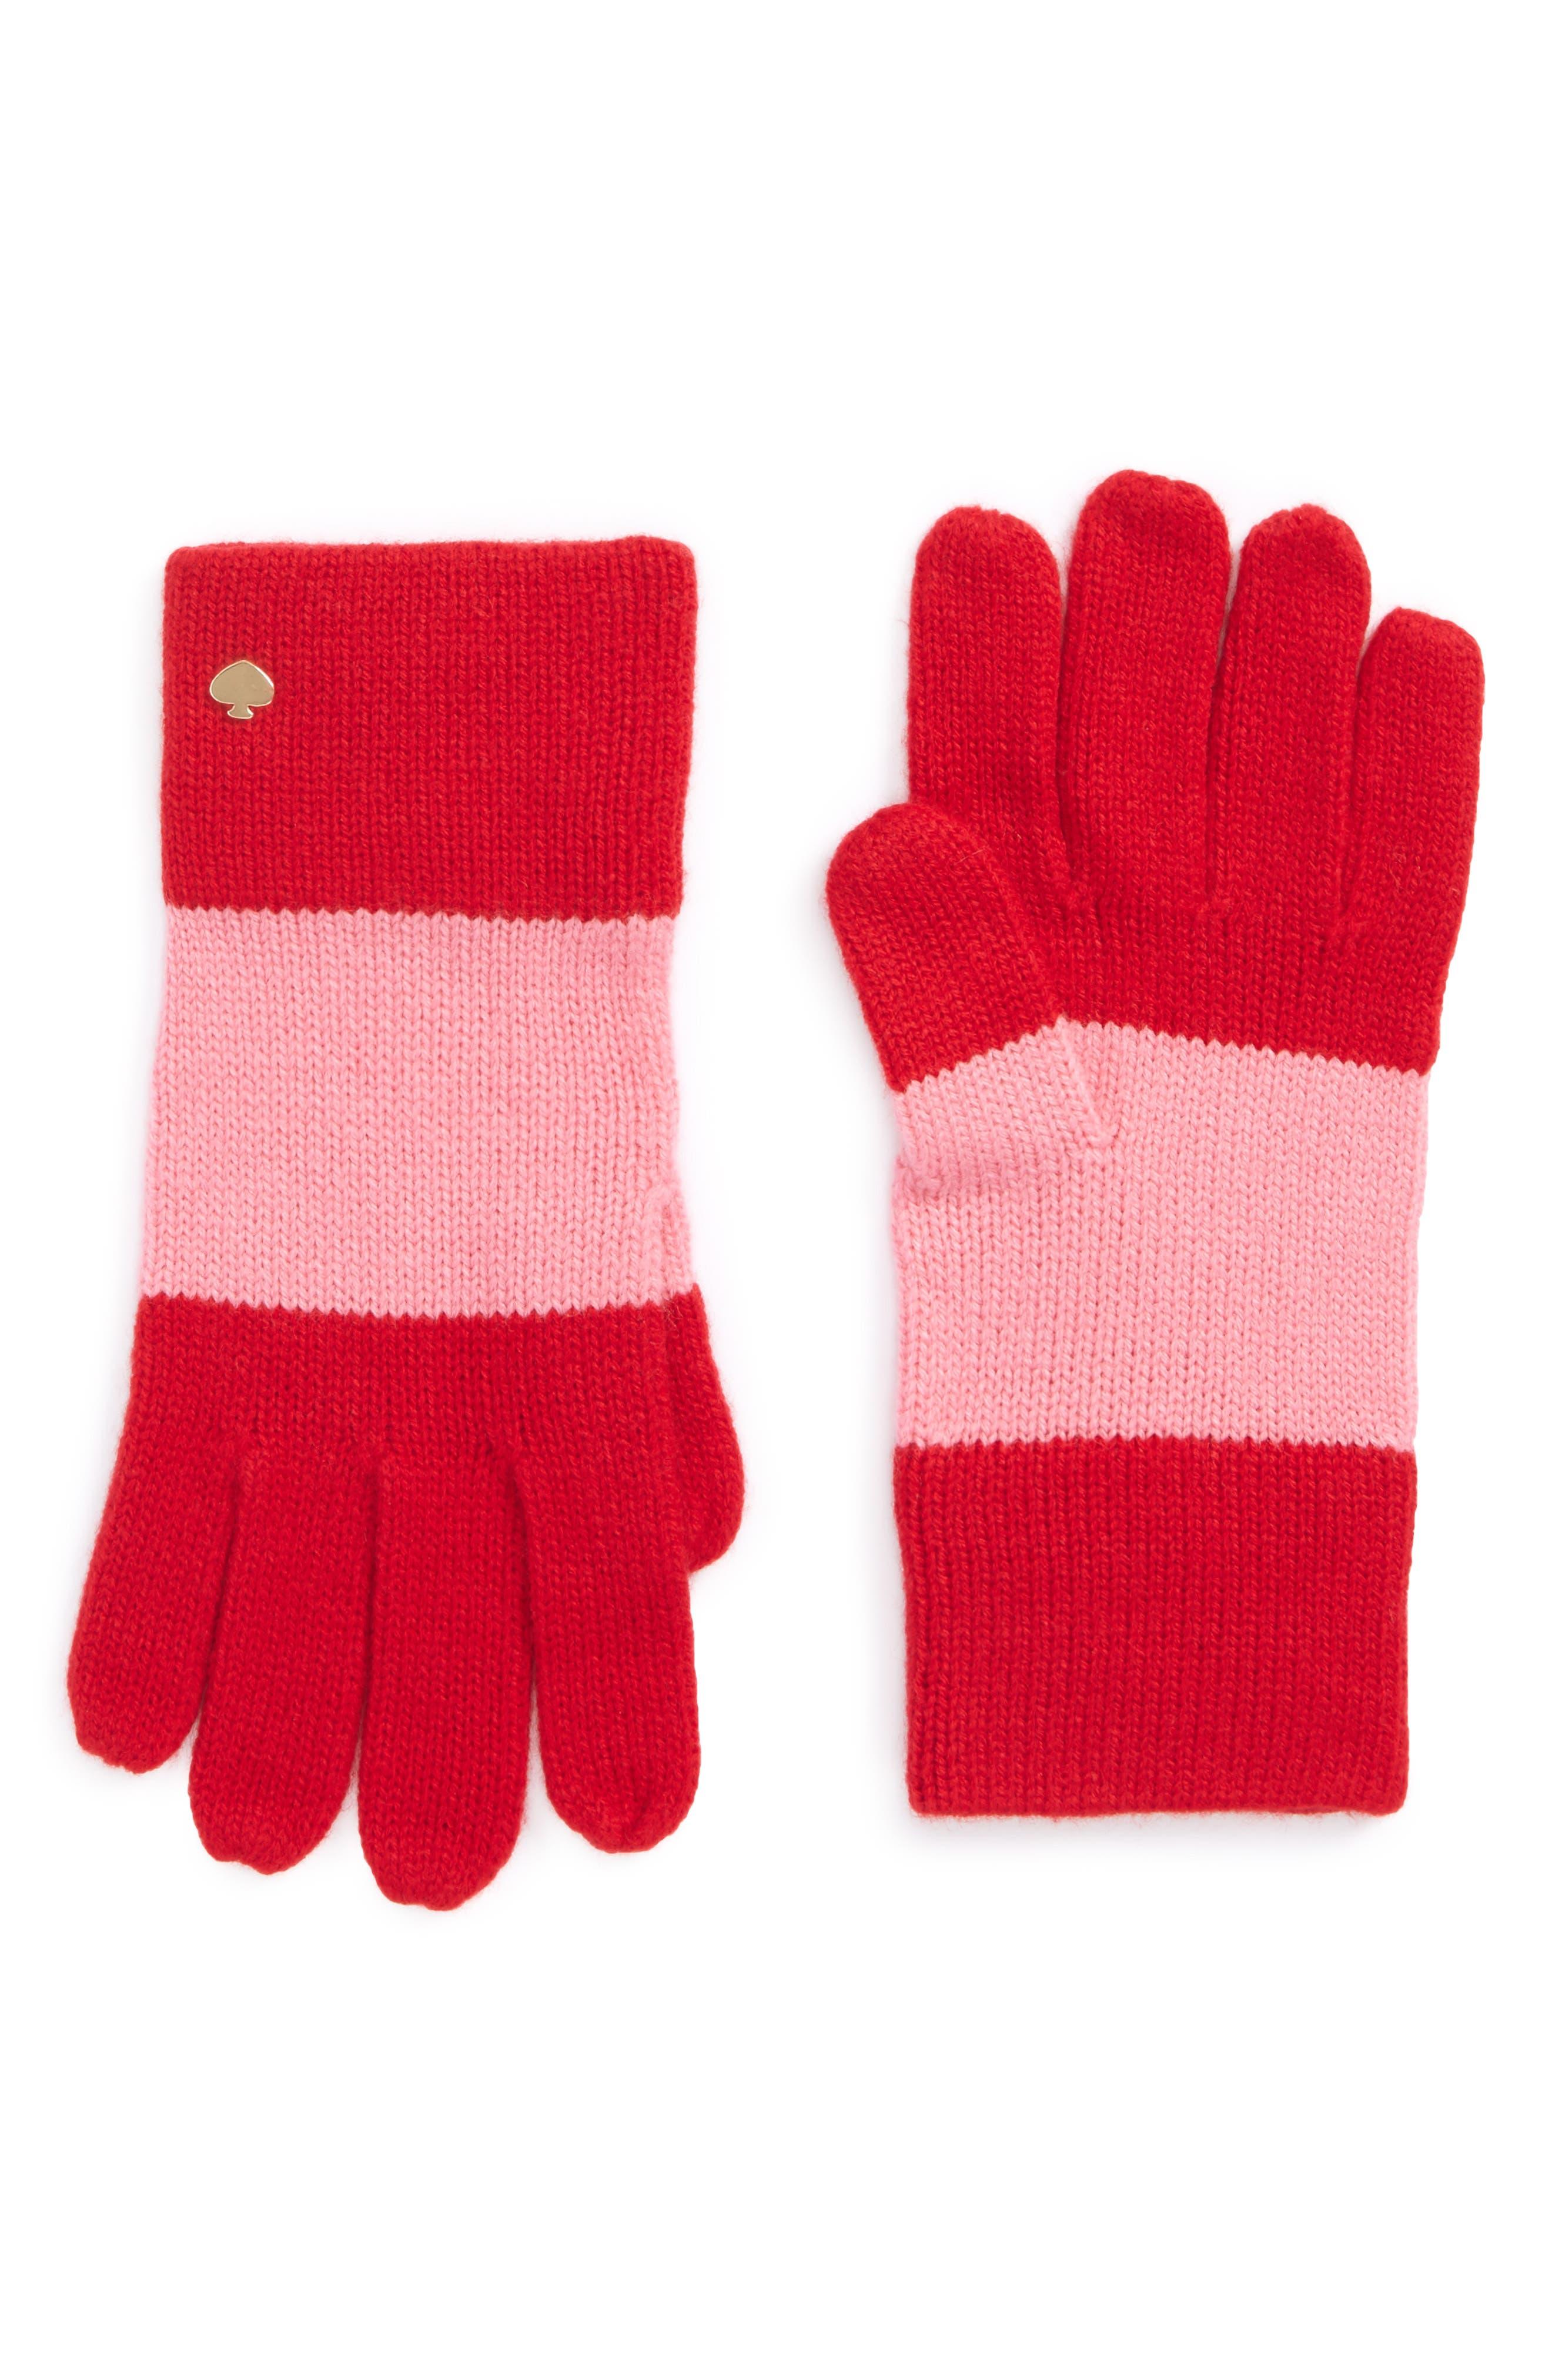 colorblock knit gloves,                         Main,                         color, Fleur De Lis/Charm Red